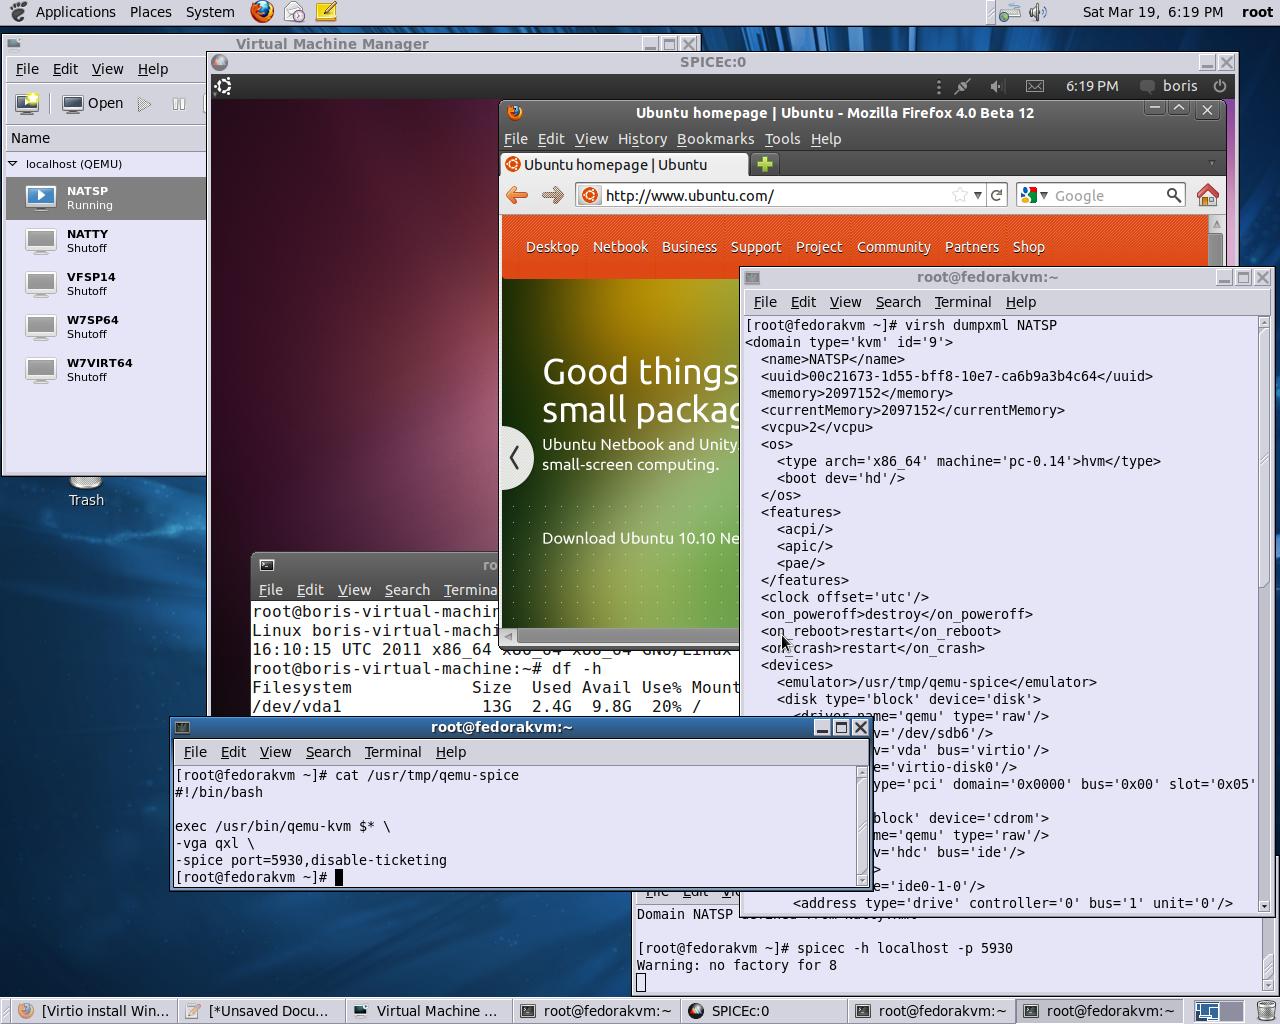 how to run xml file in ubuntu